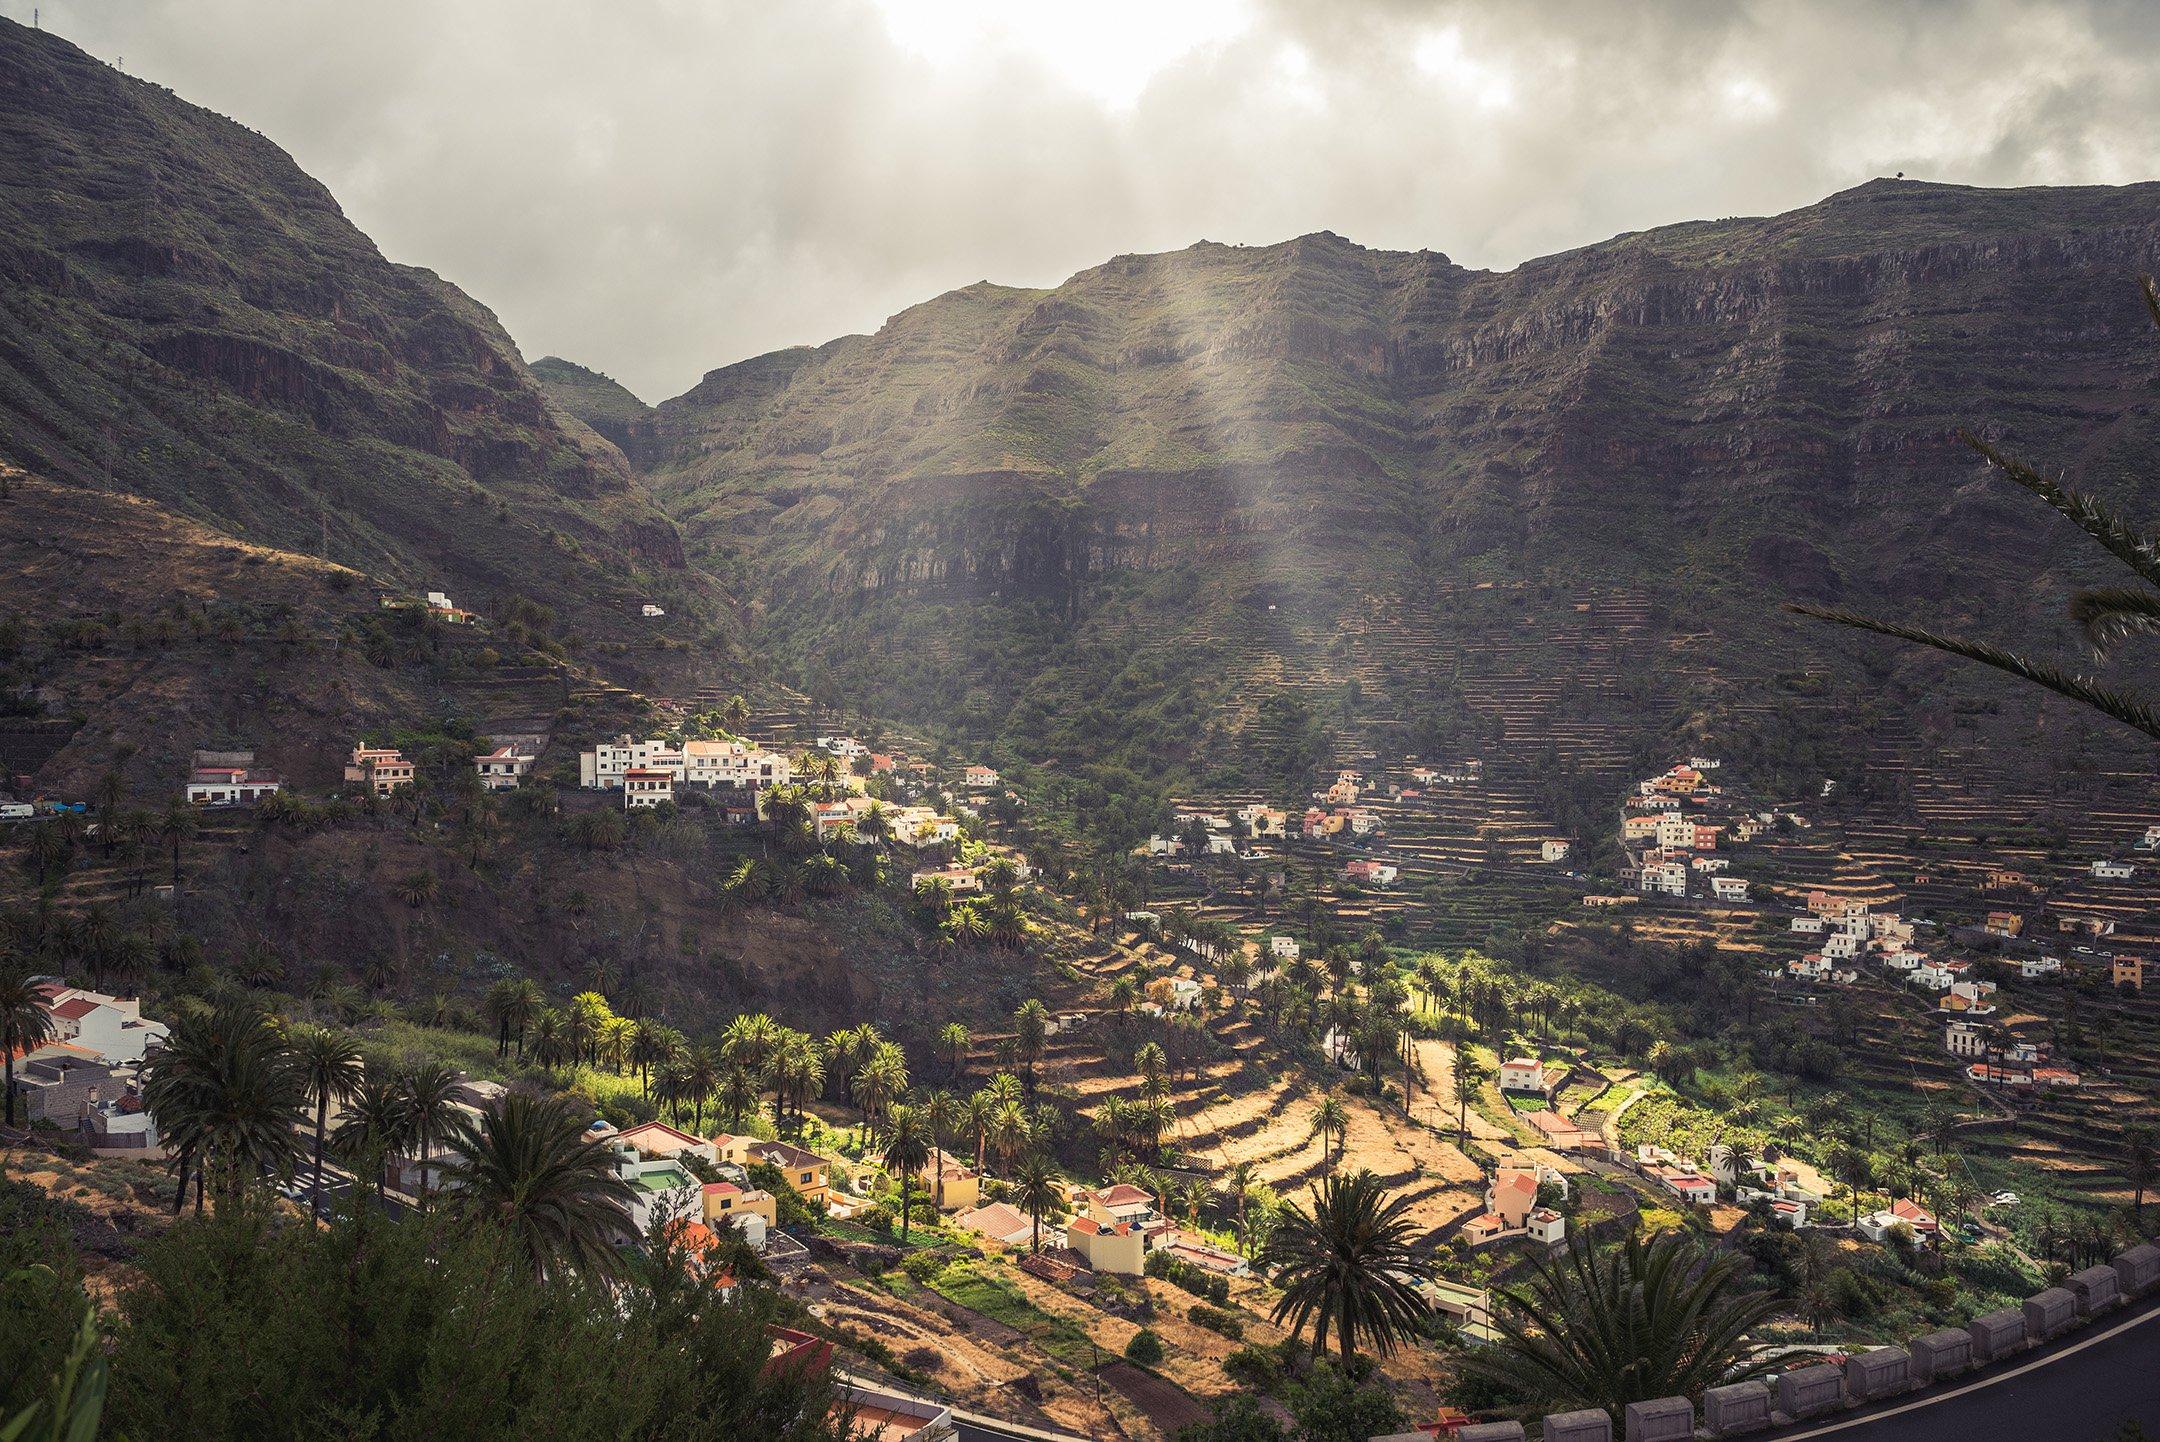 La Gomera (image credit: Vlad Cioplea)